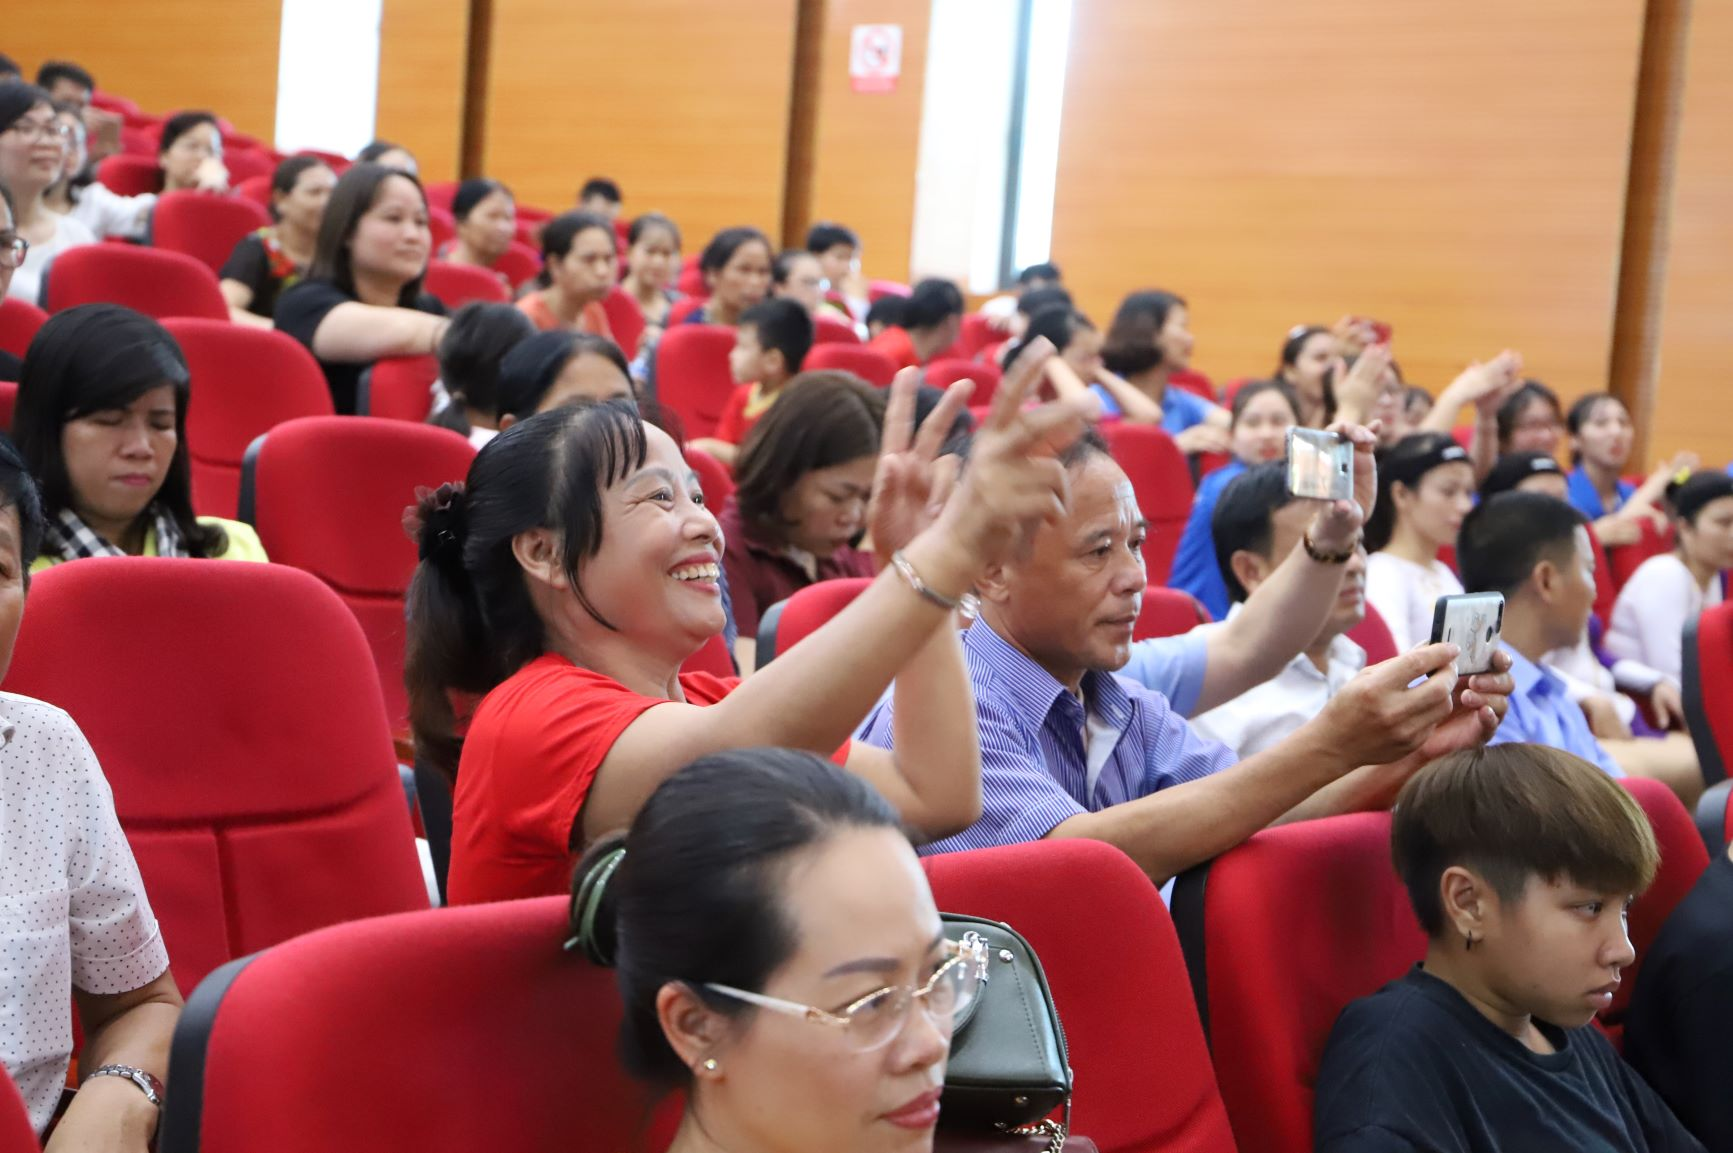 Nụ cười thích thú của một nữ khán giả khi đội nhà có màn trình diễn gây ấn tượng tại cuộc thi nhảy dân vũ và aerobic.